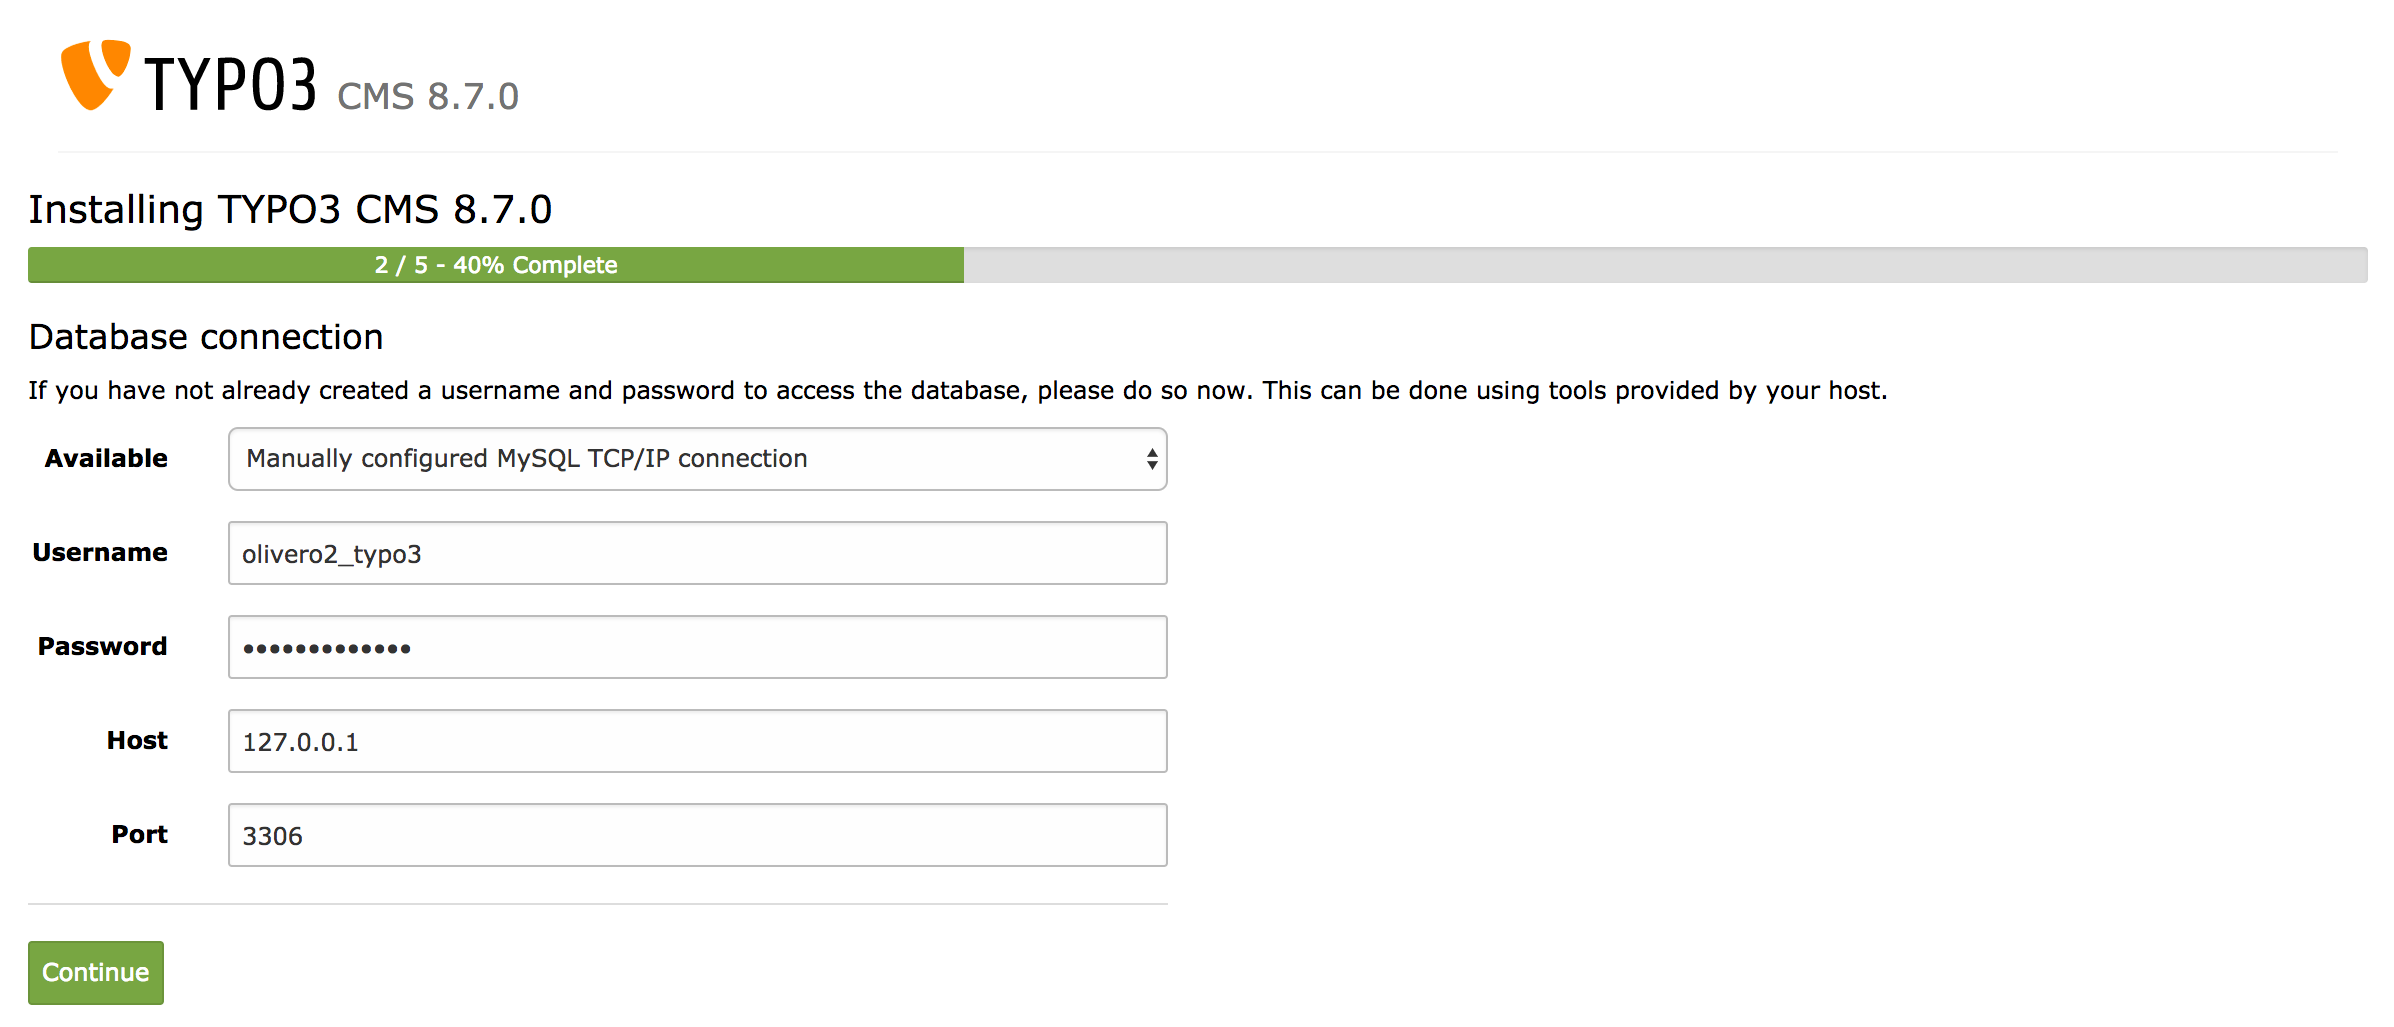 Datenbank Benutzer & Passwort angeben